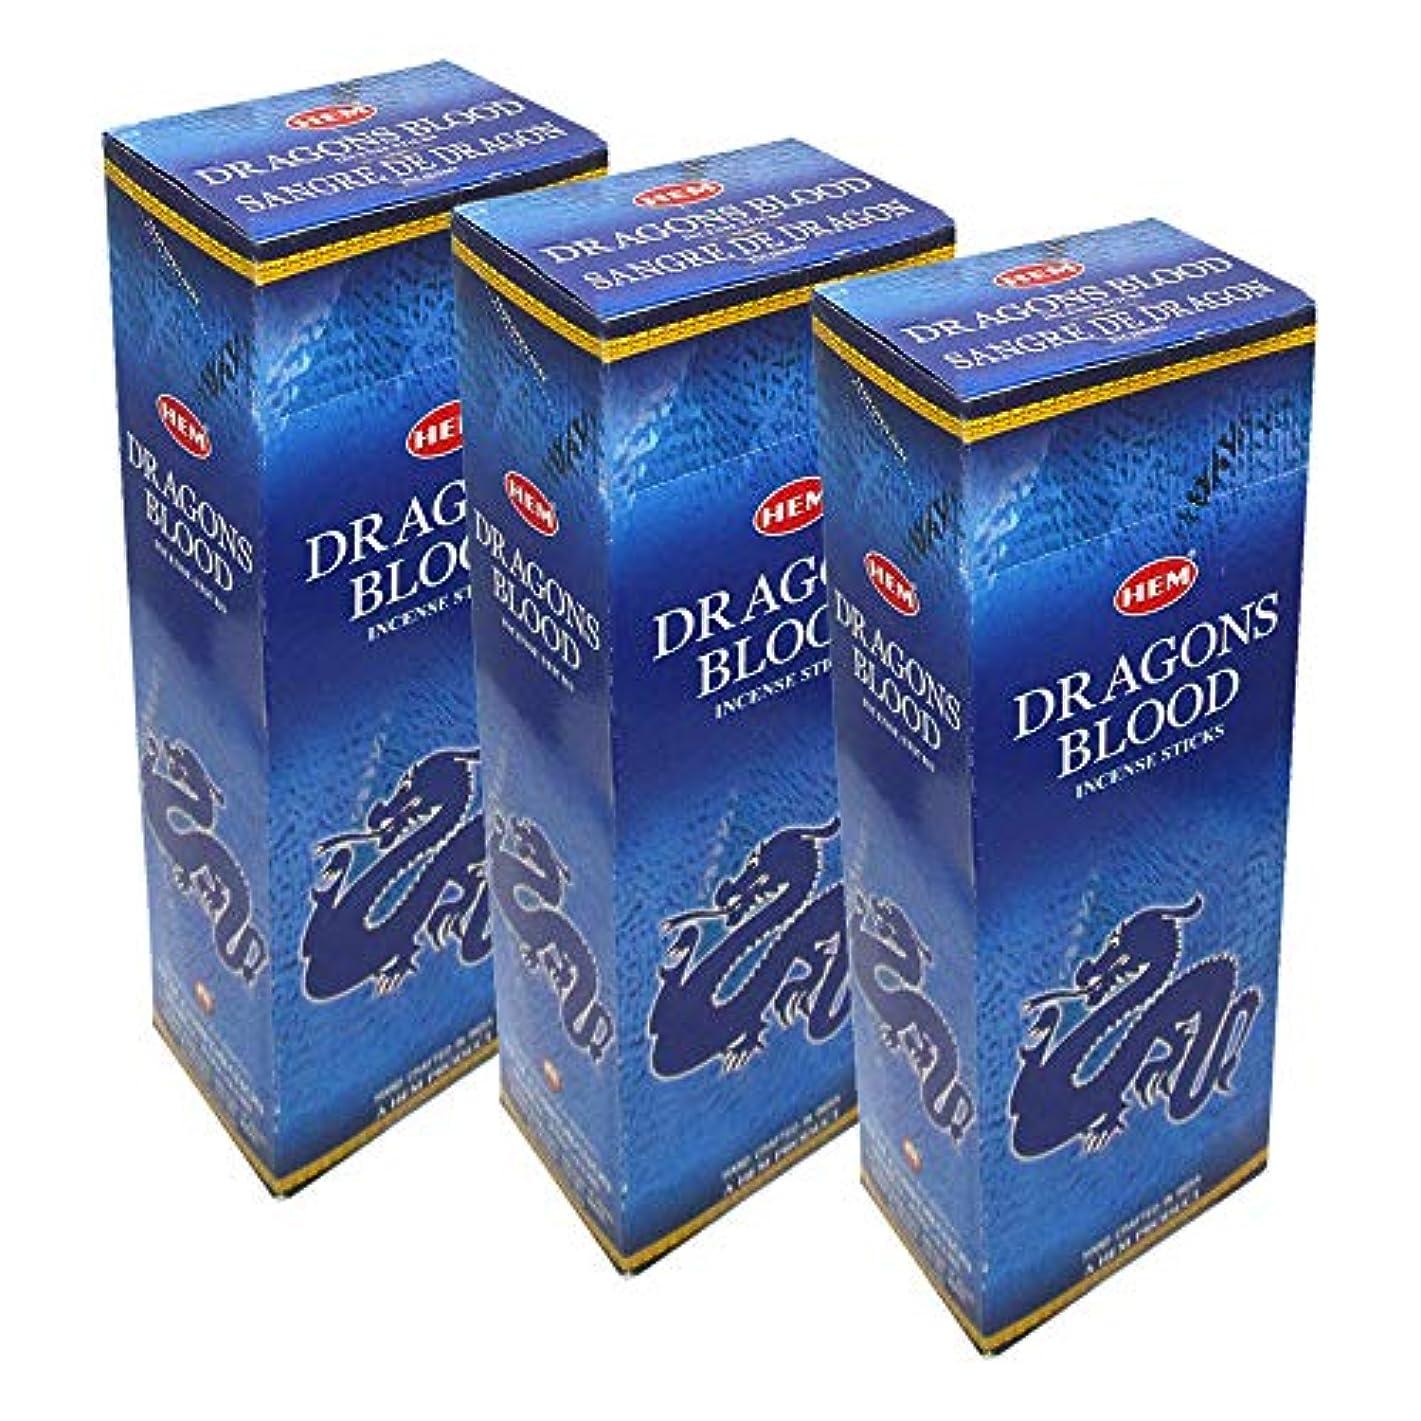 私の醜いリスナーHEM ドラゴンブラッドブルーアガーバティ18本入りお香箱 各20g入り